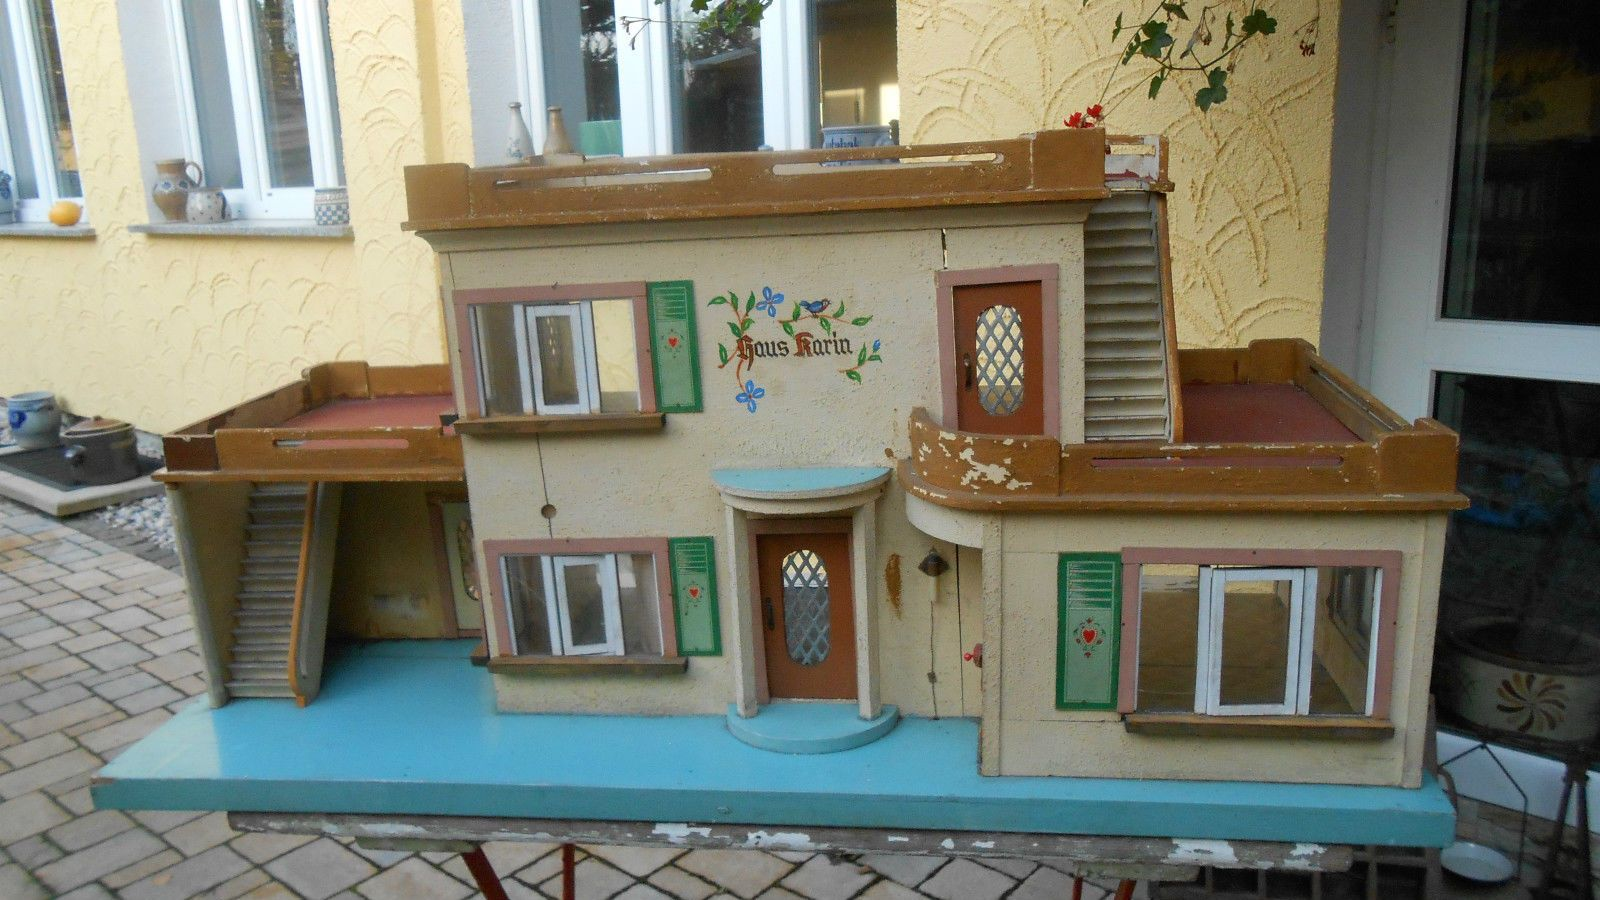 altes origin fr hes albin sch nherr ddr puppenhaus haus karin von 1955 in antiquit ten kunst. Black Bedroom Furniture Sets. Home Design Ideas